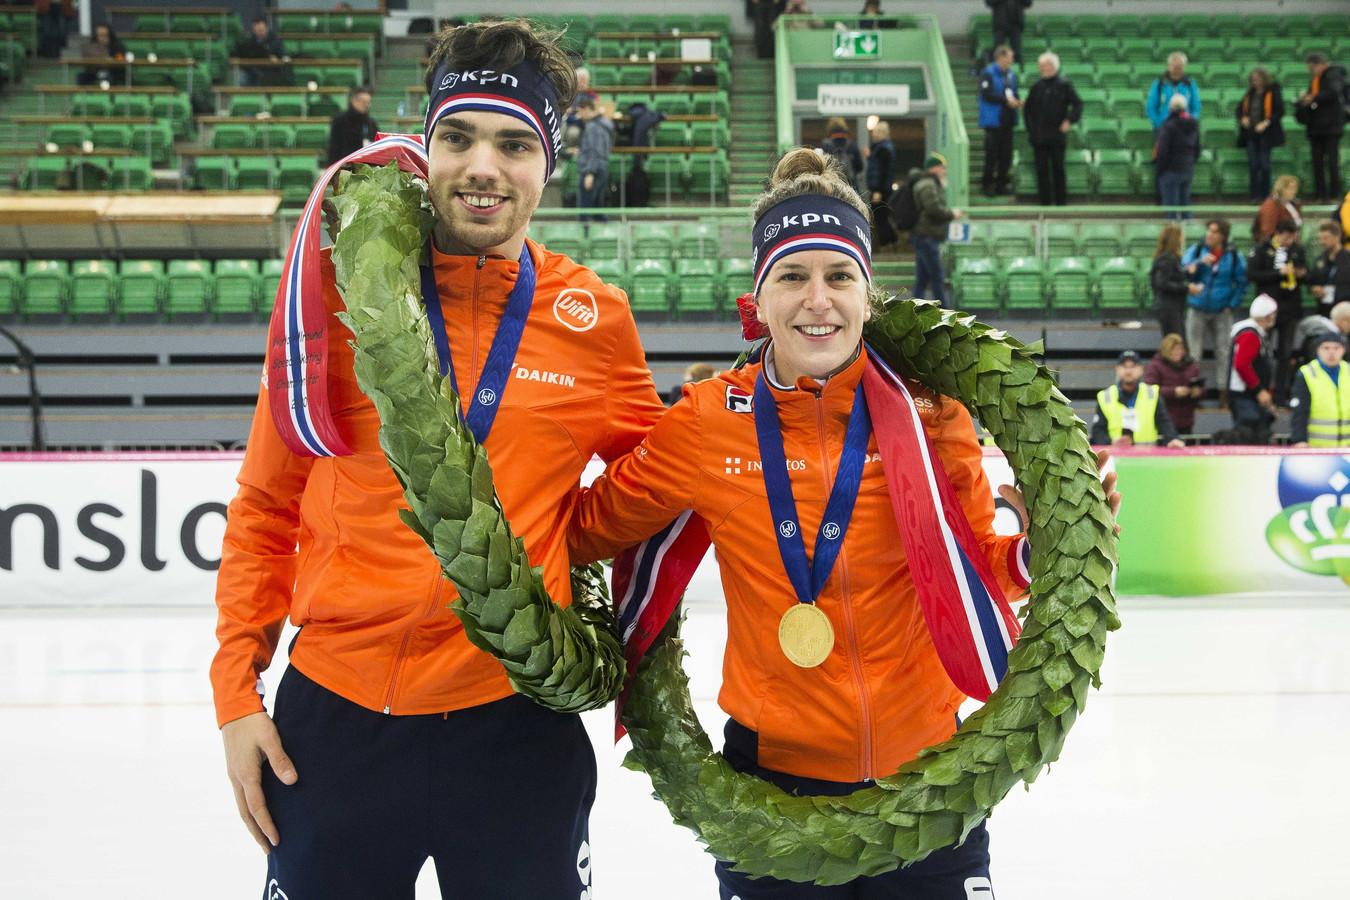 Wereldkampioenen Ireen Wust en Patrick Roest maken een ereronde na het winnen van het WK allround in Hamar van vorig weekend.